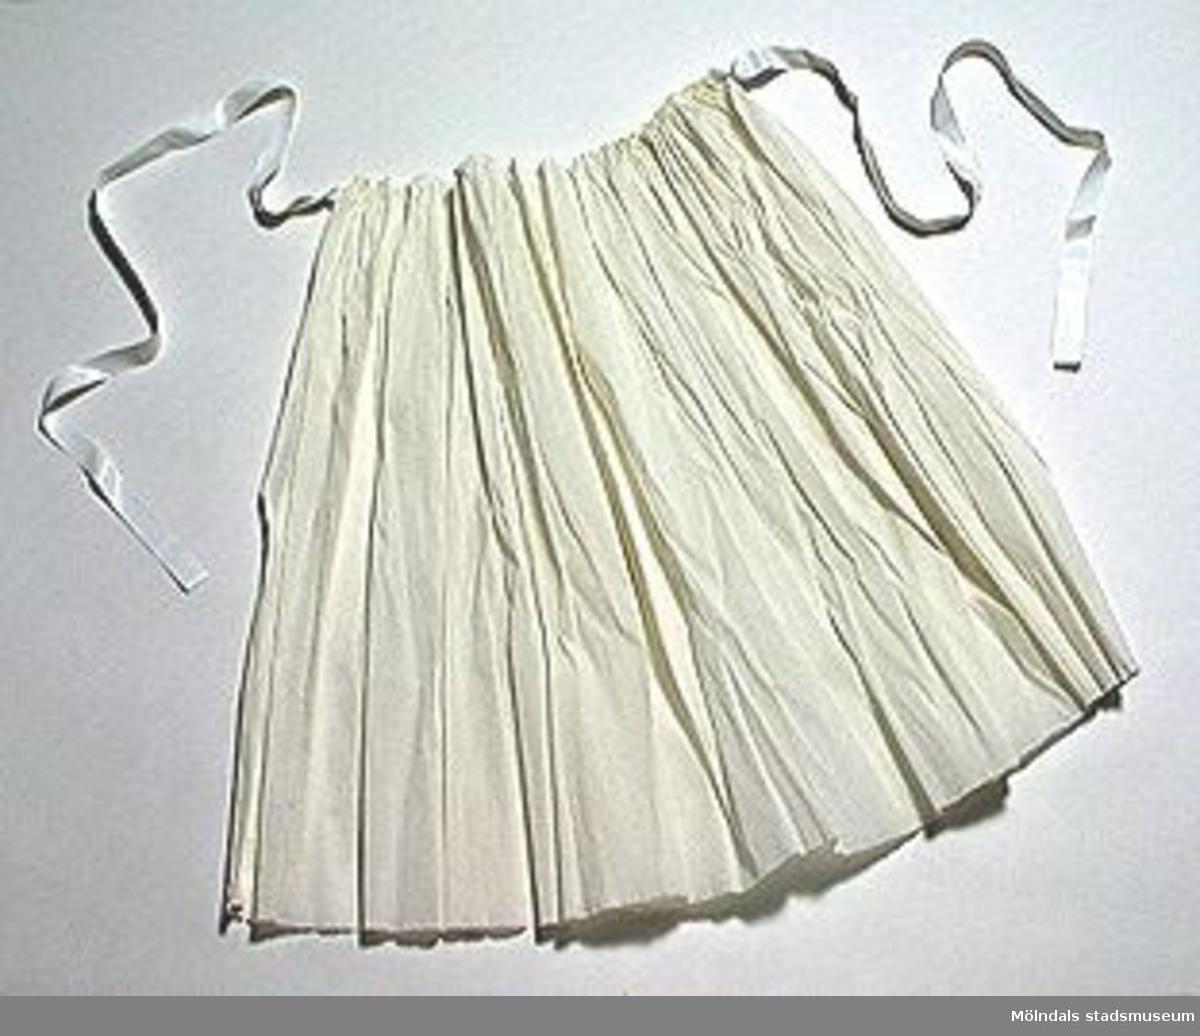 Fyra är svartvita, ett är helvitt. Det vita förklädet är 470 mm långt.